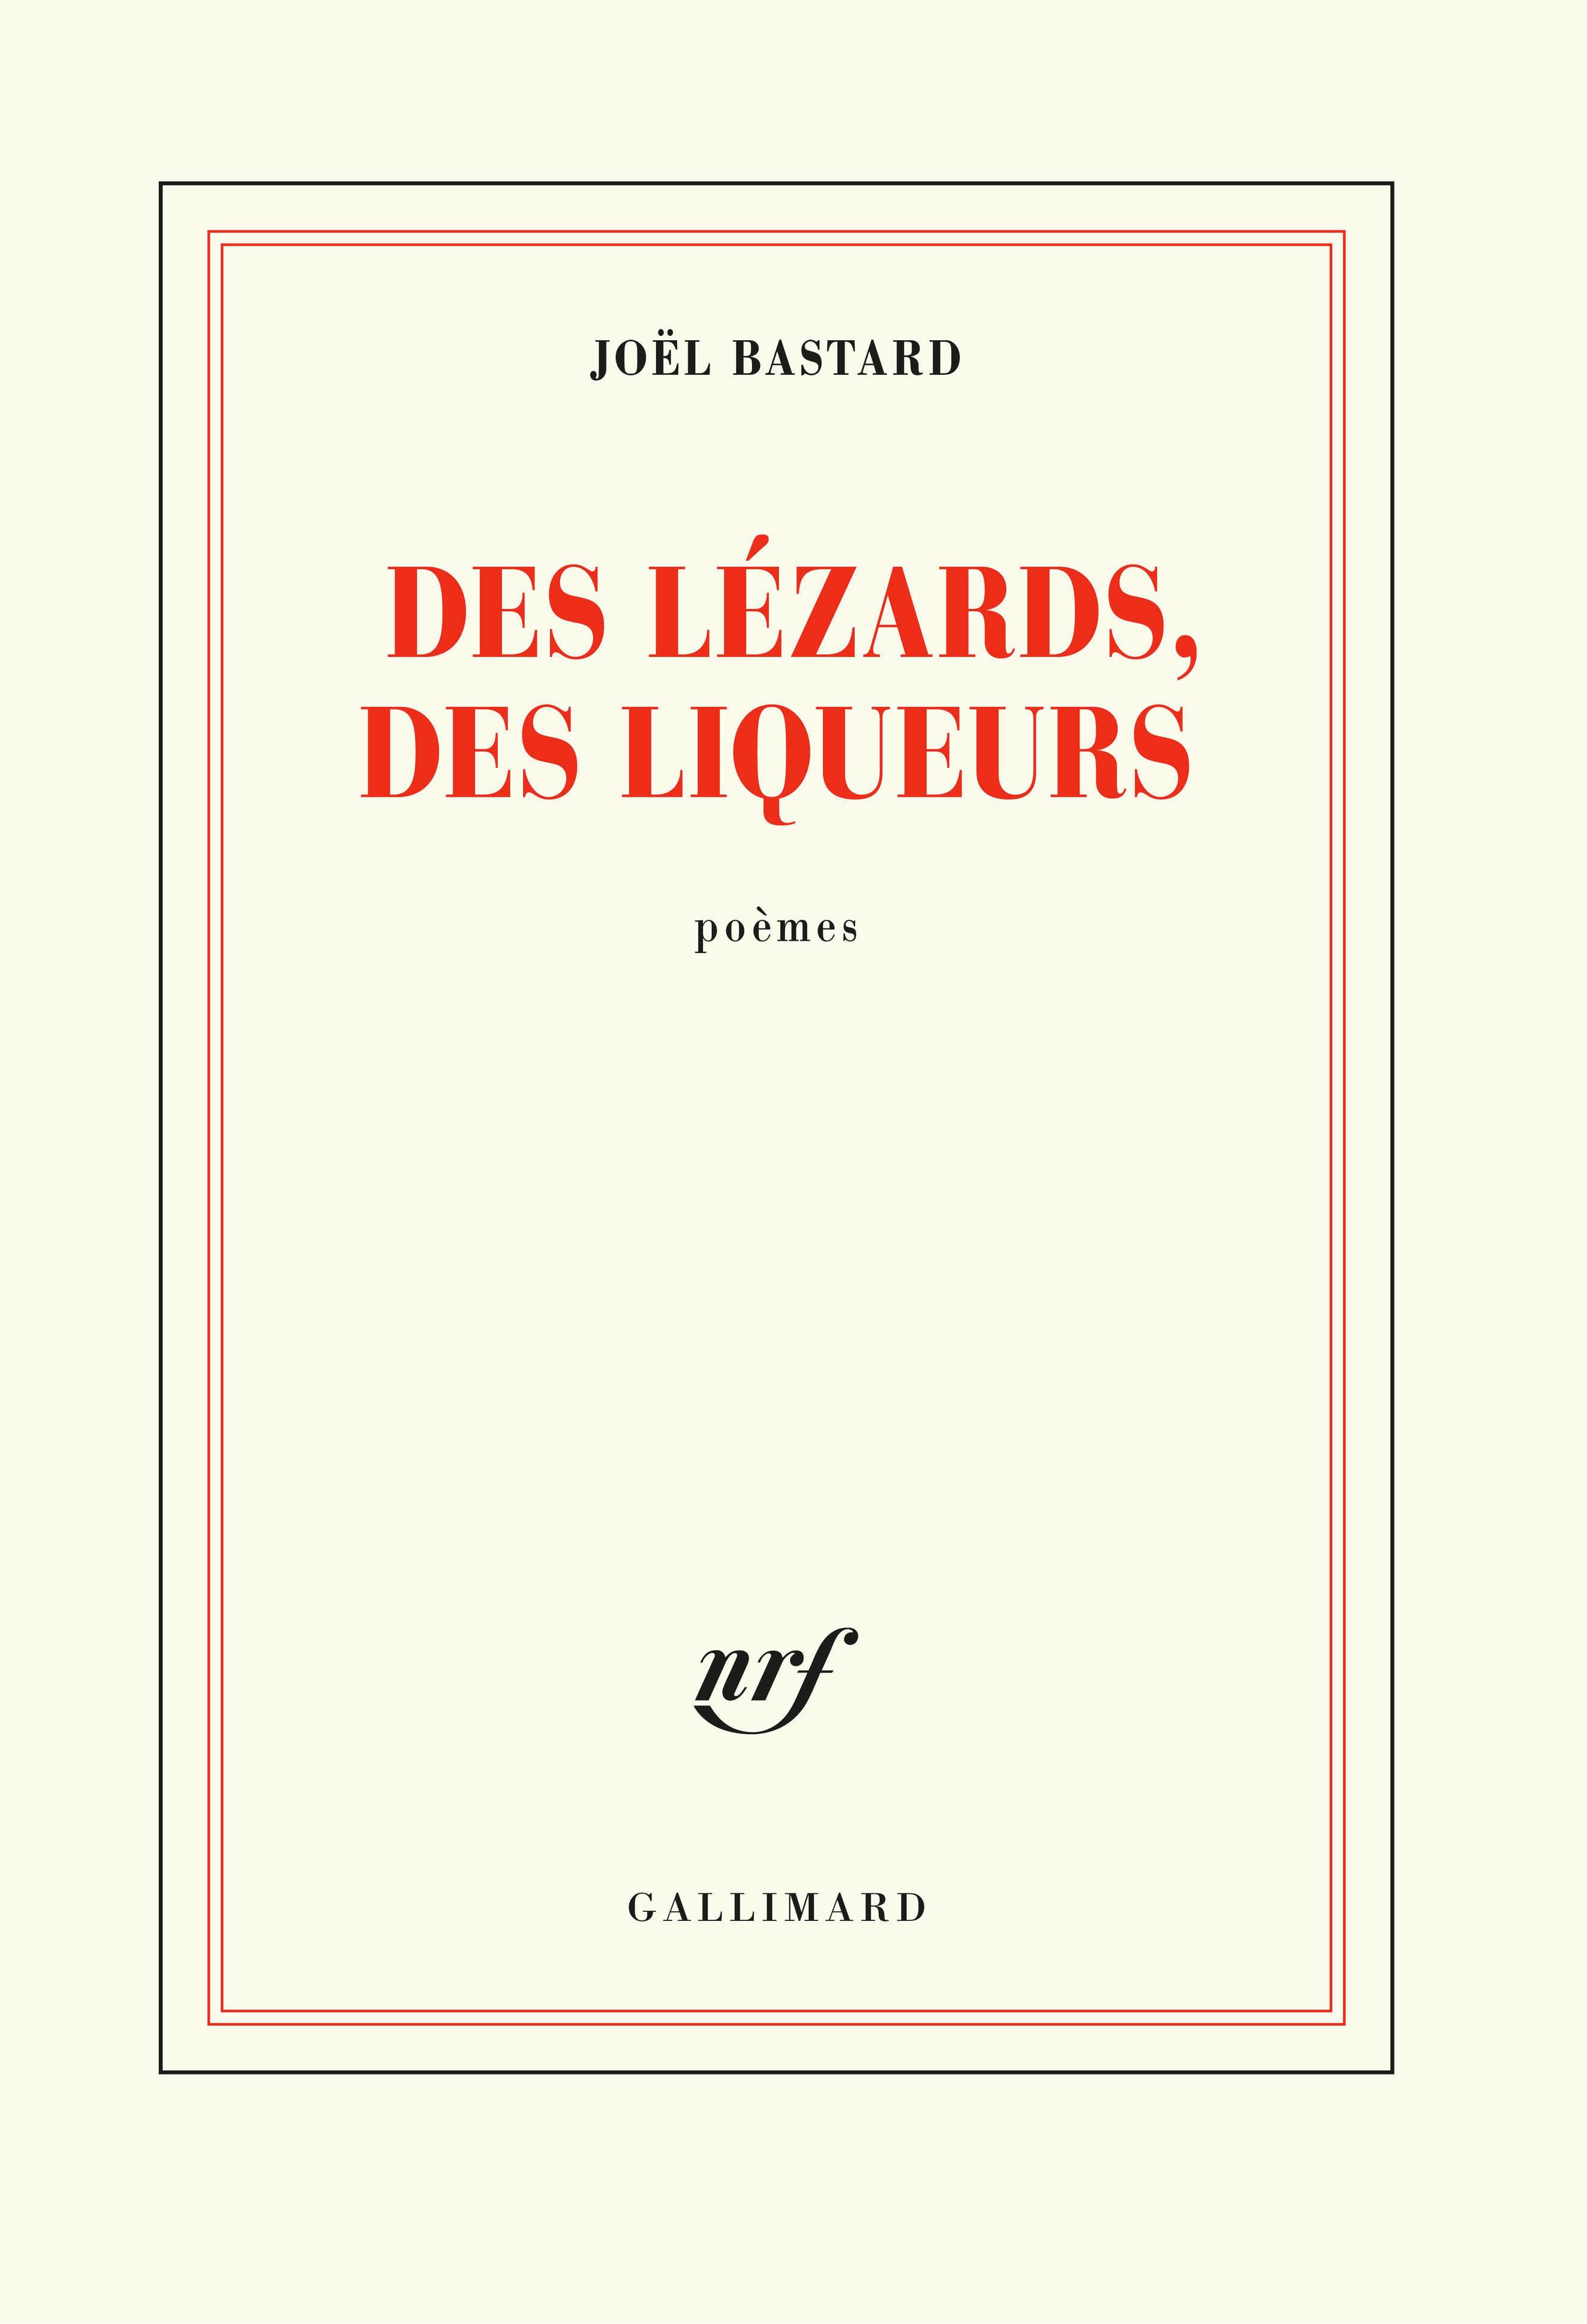 DES LEZARDS, DES LIQUEURS